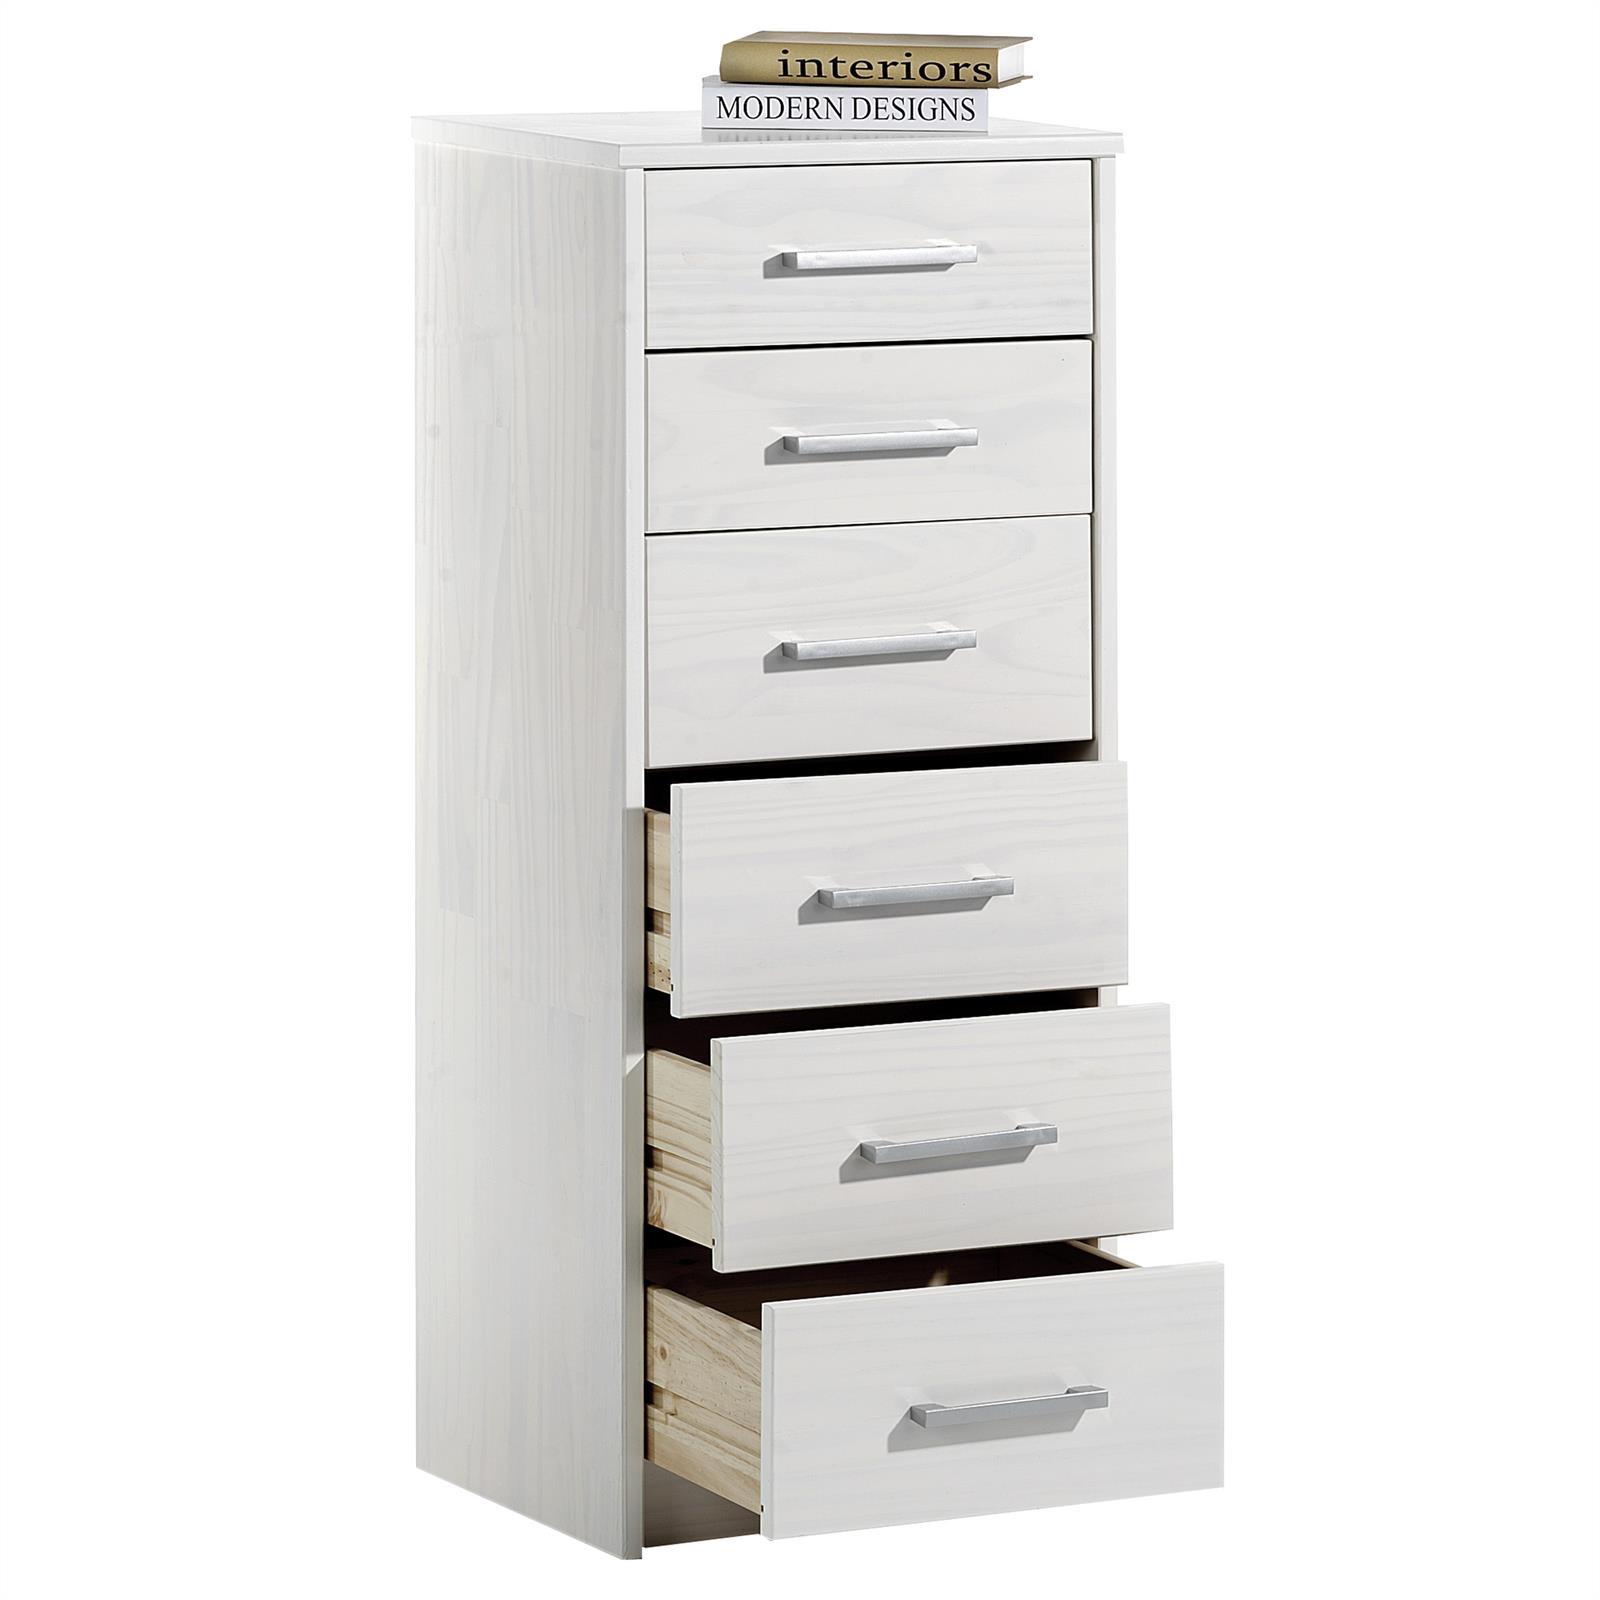 Chiffonnier en pin tessa 2 4 tiroirs lasur blanc mobil meubles - Chiffonnier 4 tiroirs ...